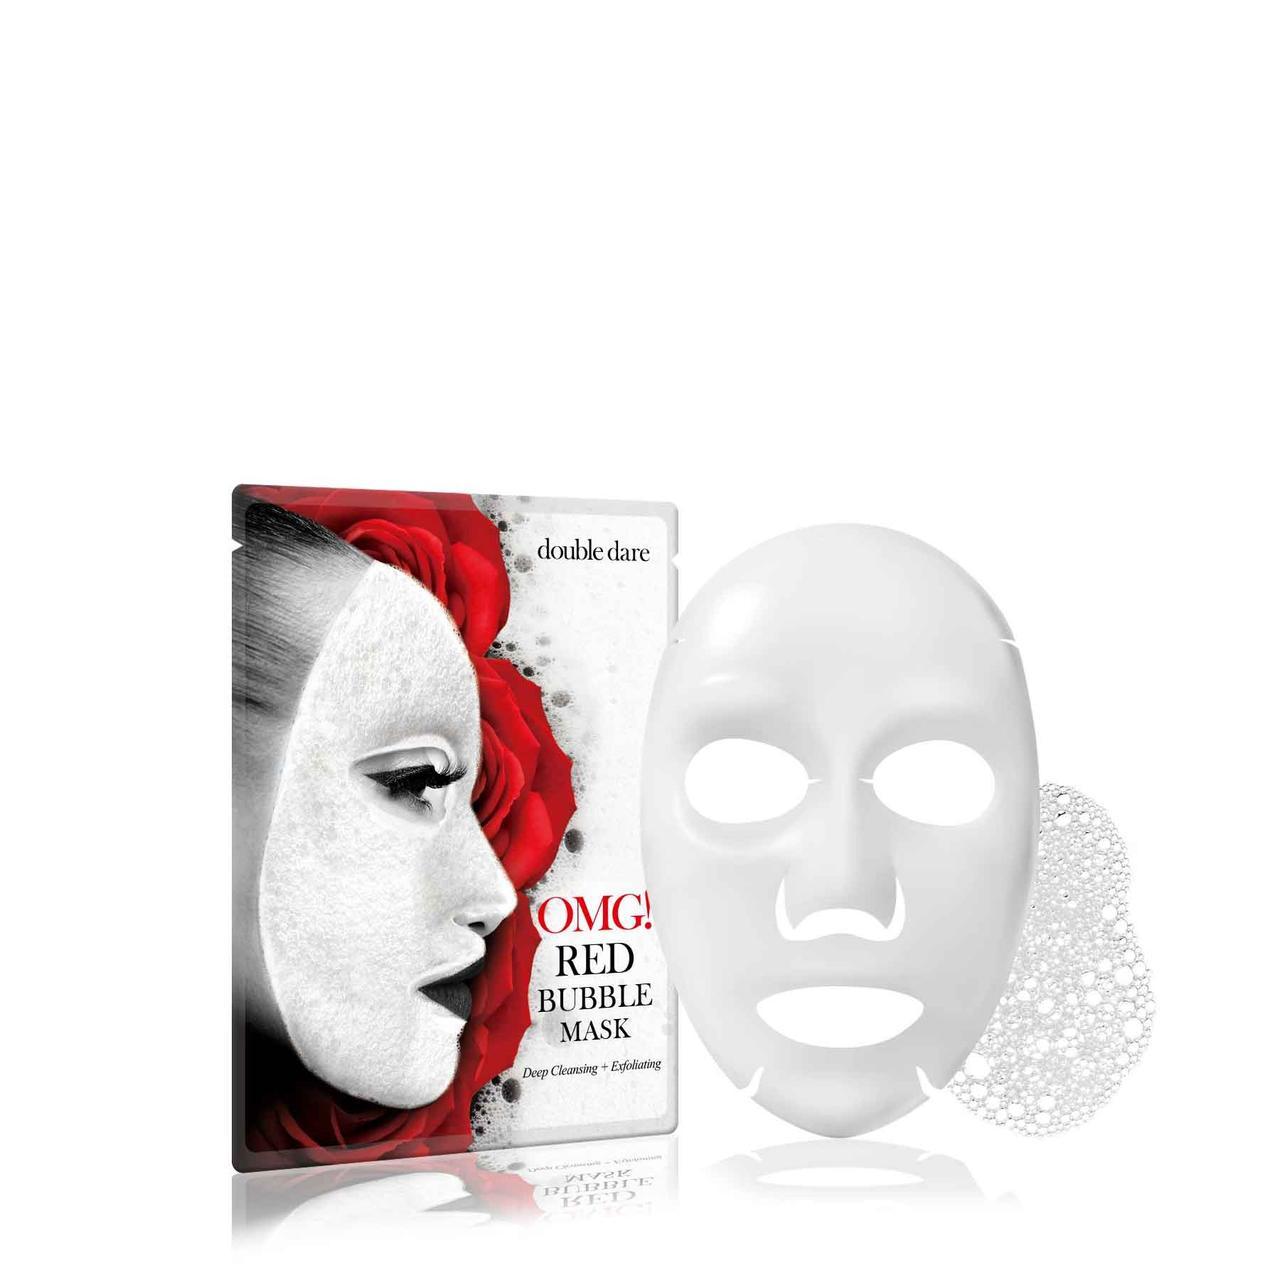 Кислородная маска очищающая с экстрактами 8 красных растений Double Dare OMG! Red Bubble Mask, 1 шт.